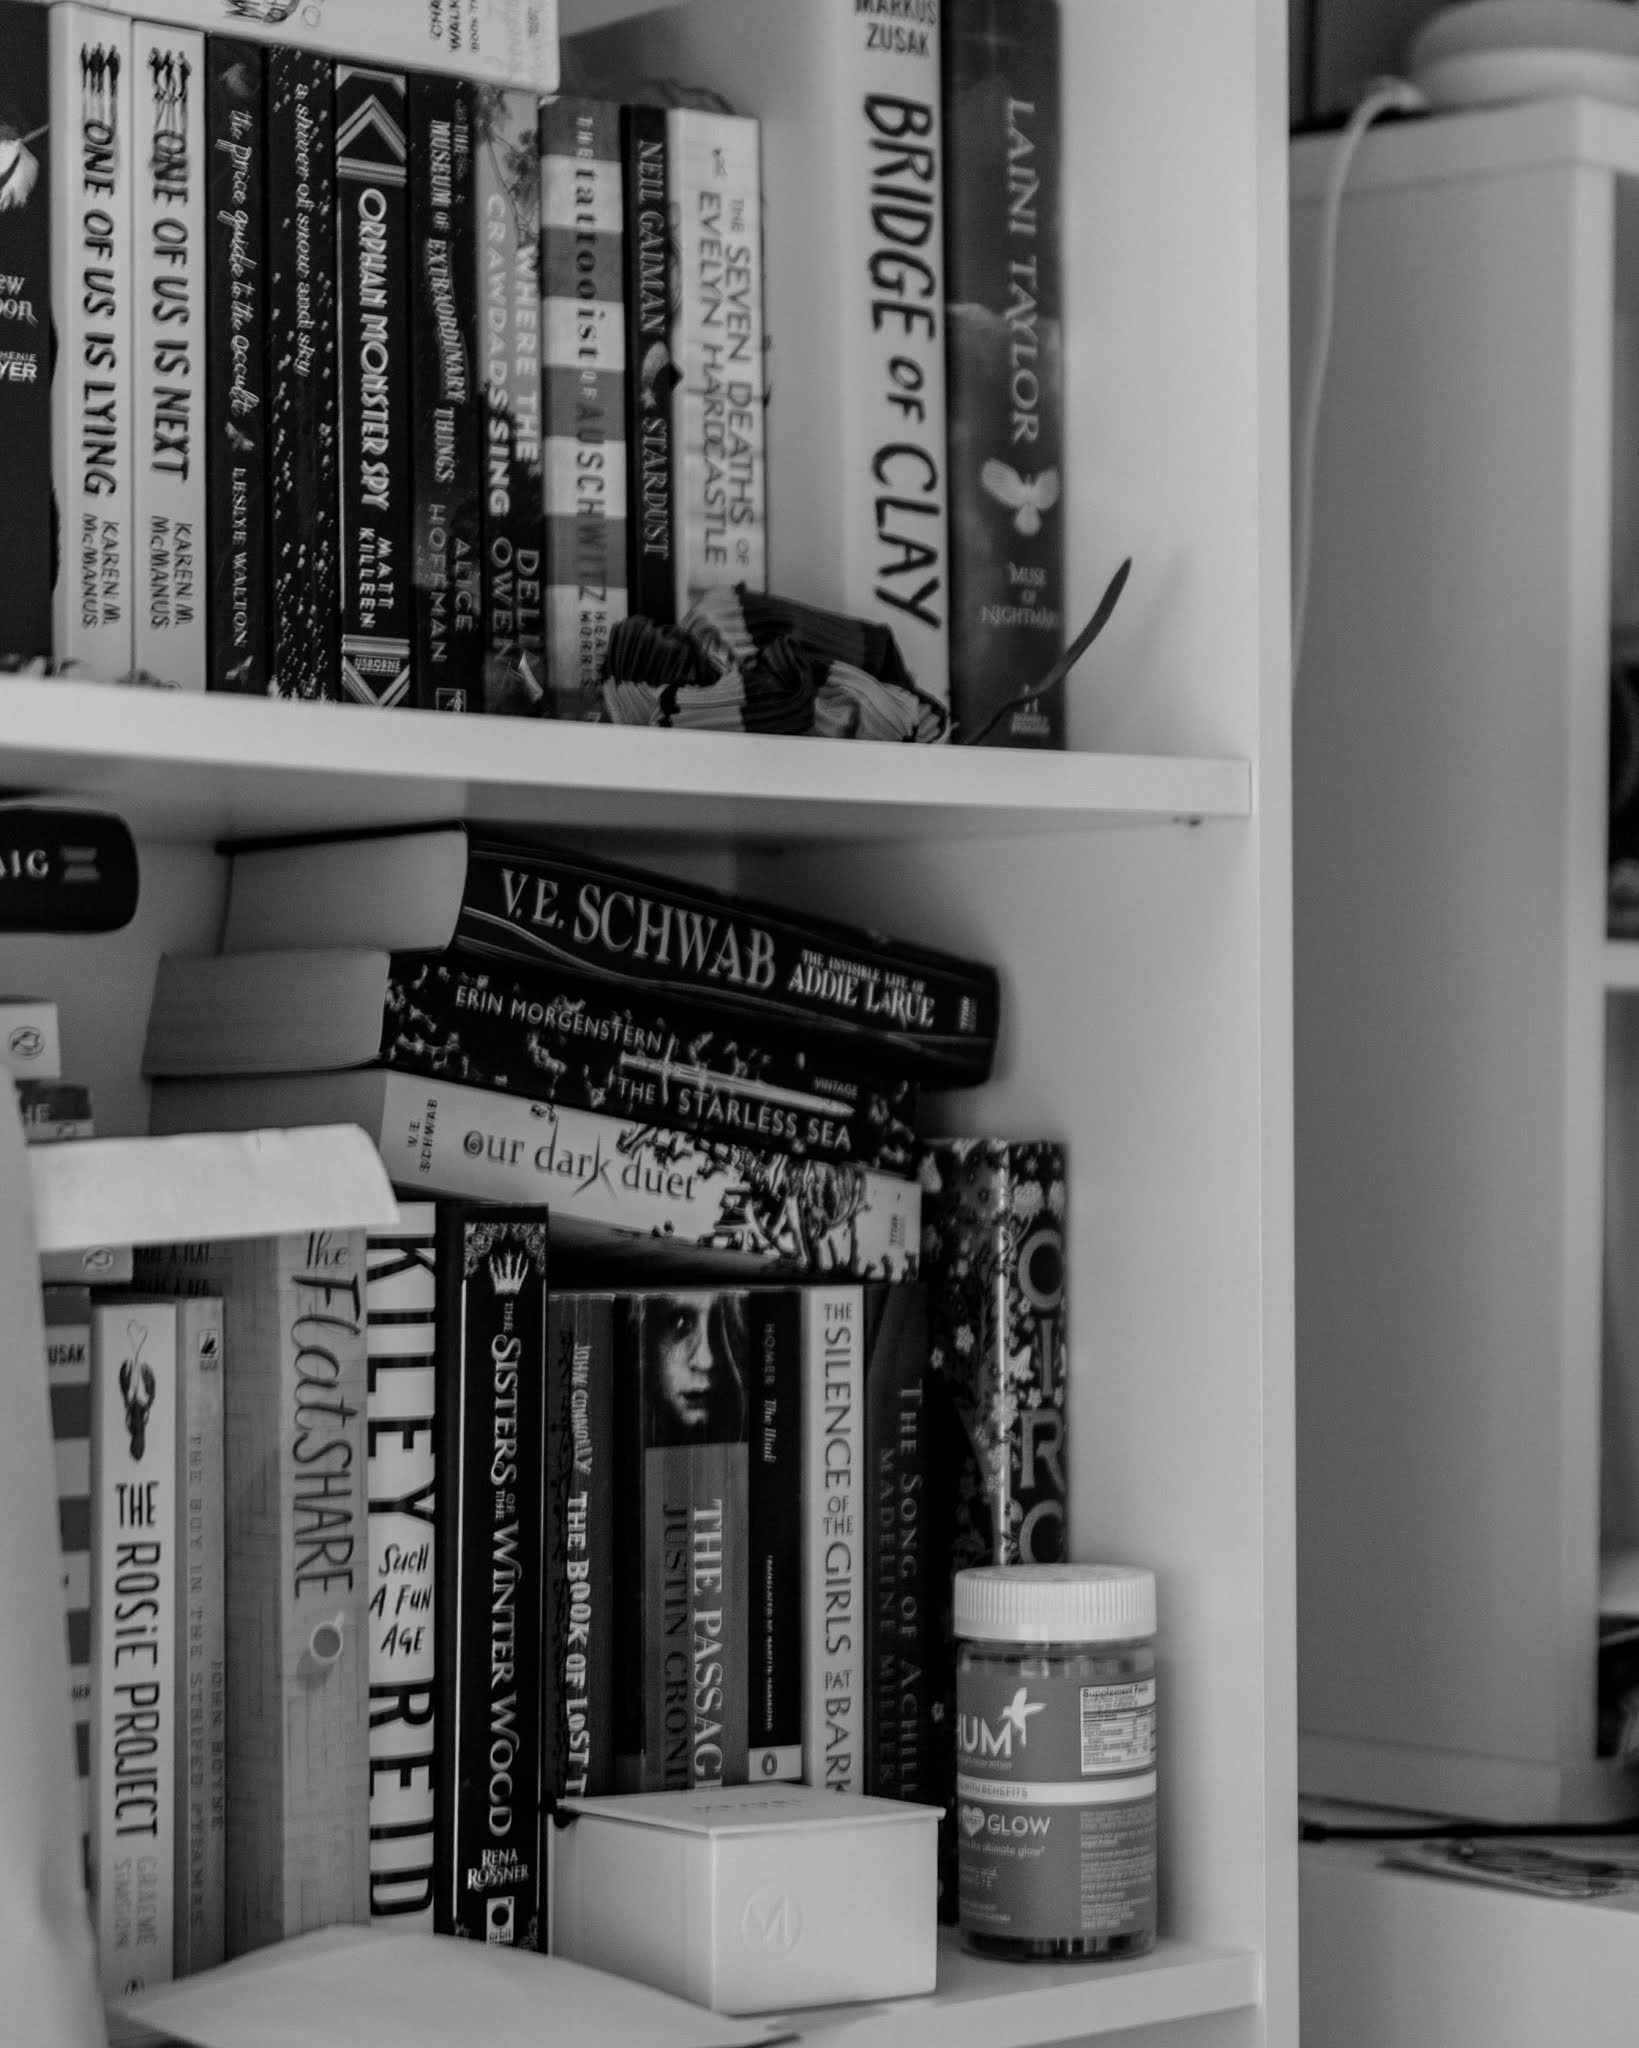 black and white image of bookshelves